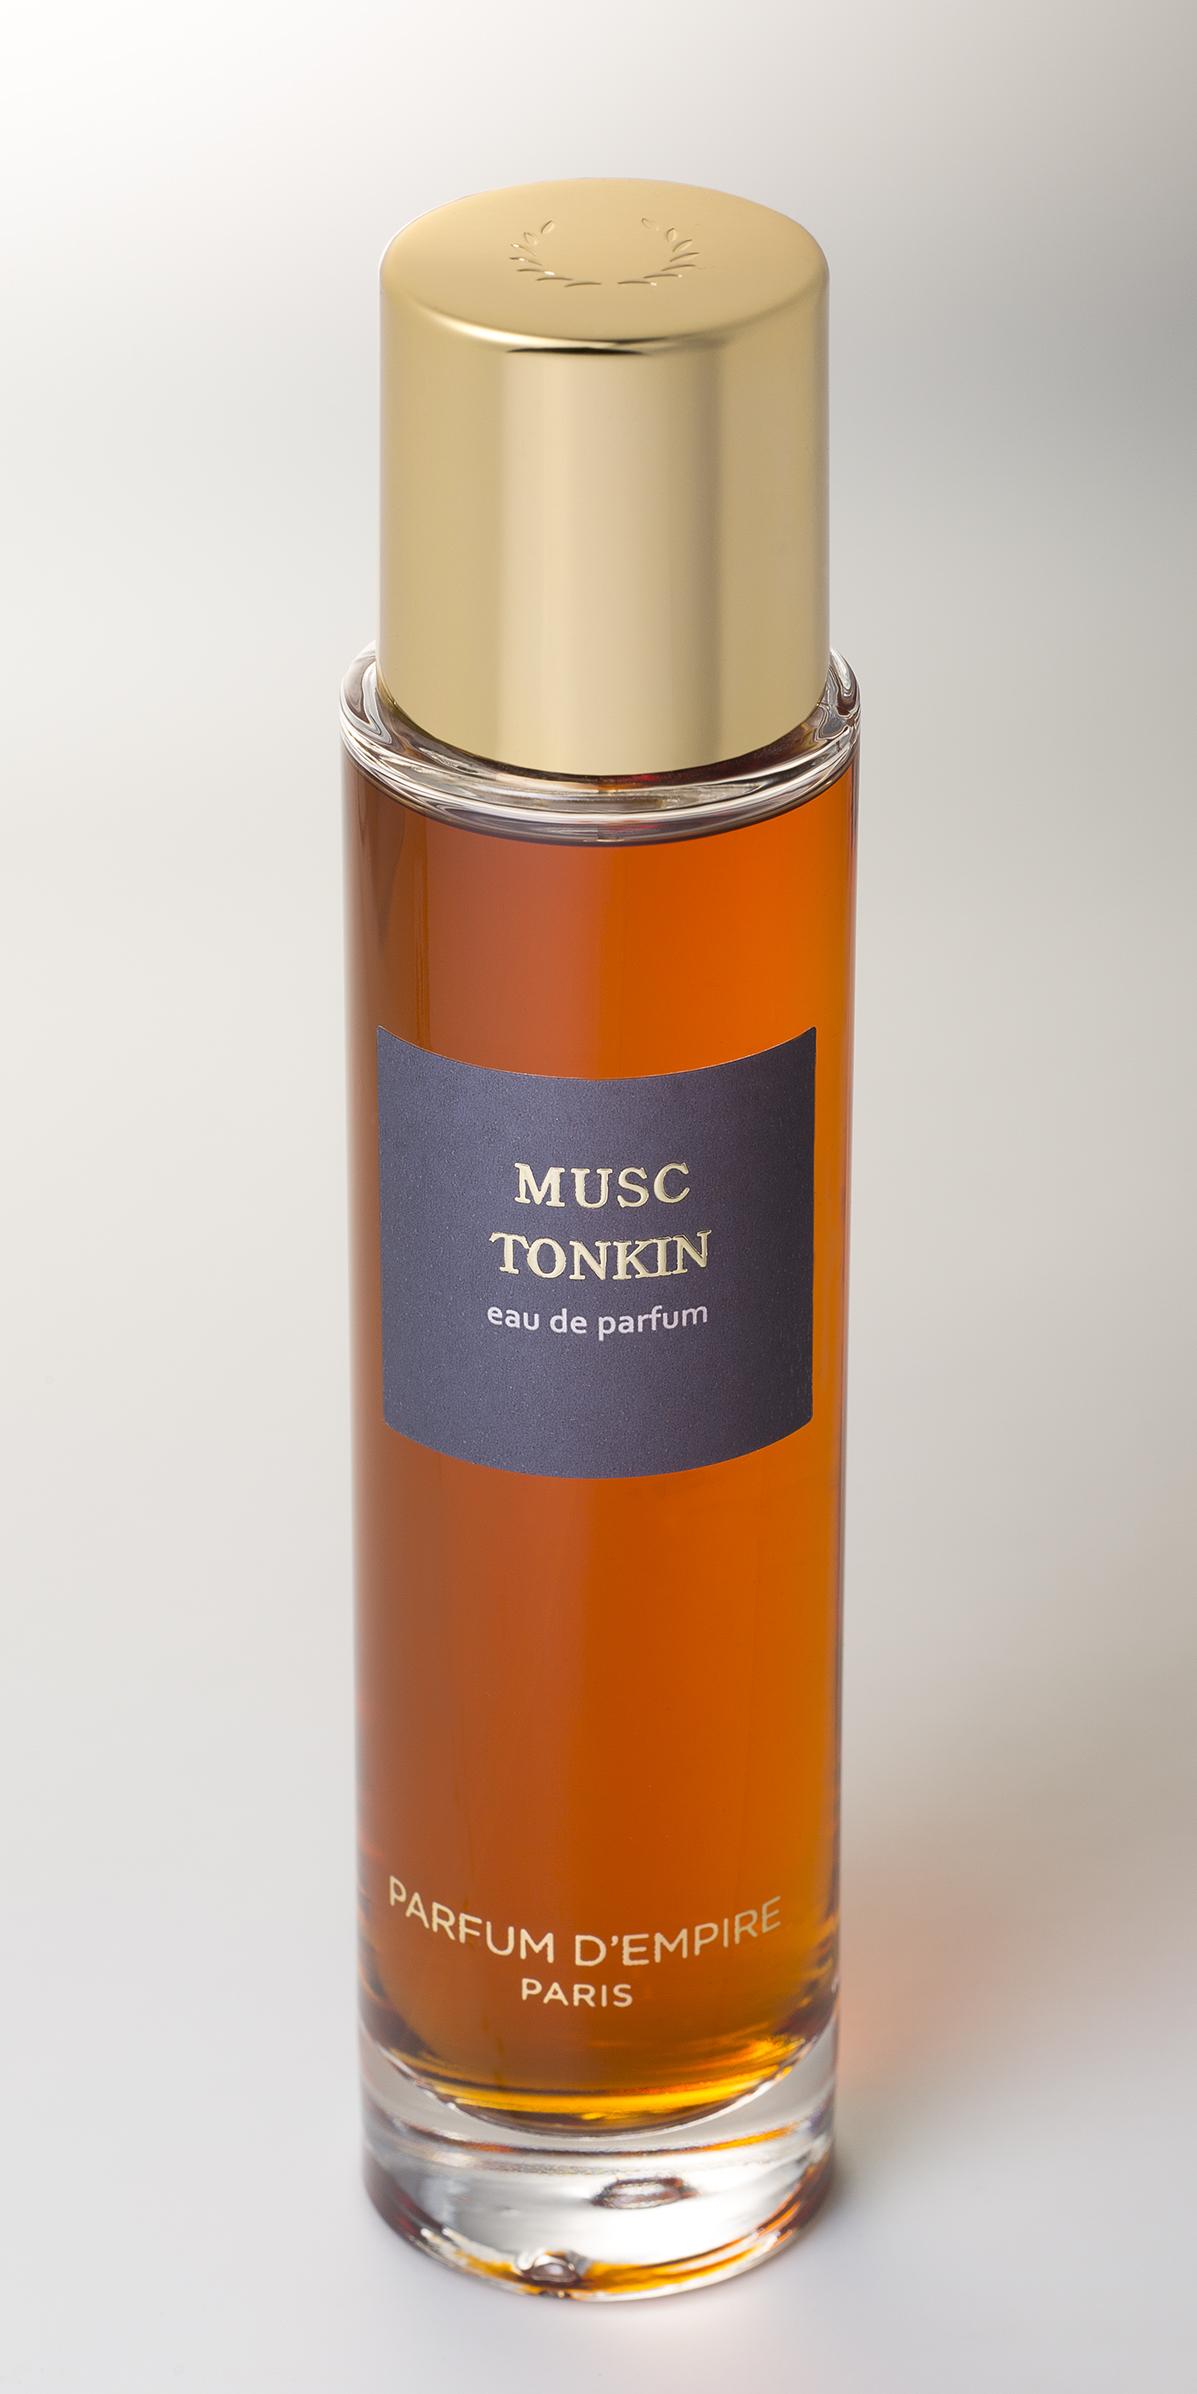 Parfum d'Empire Musc Tonkin (gf)